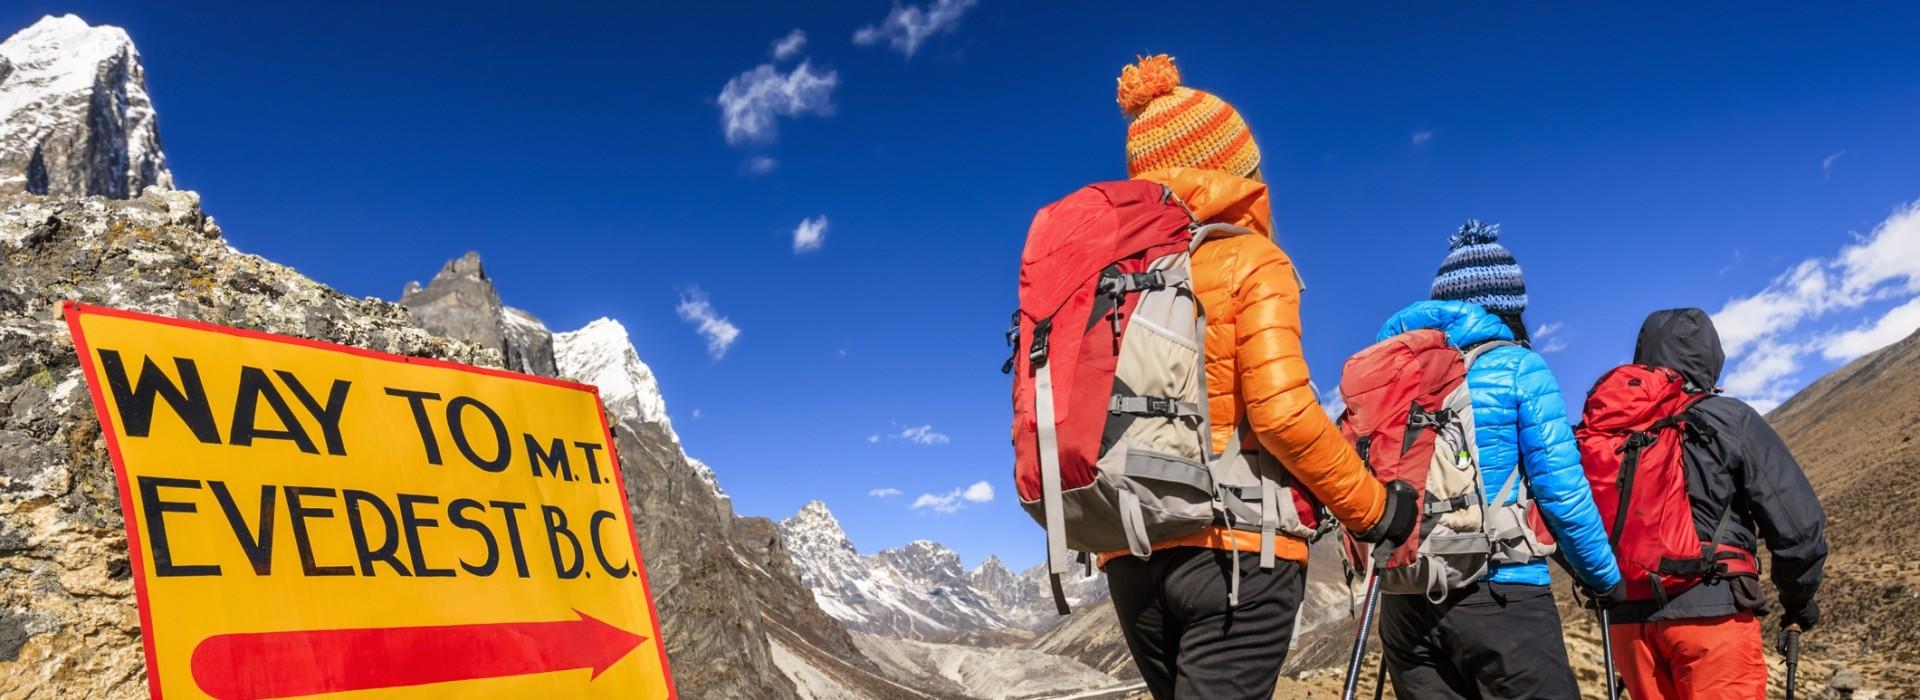 Everest charity trek